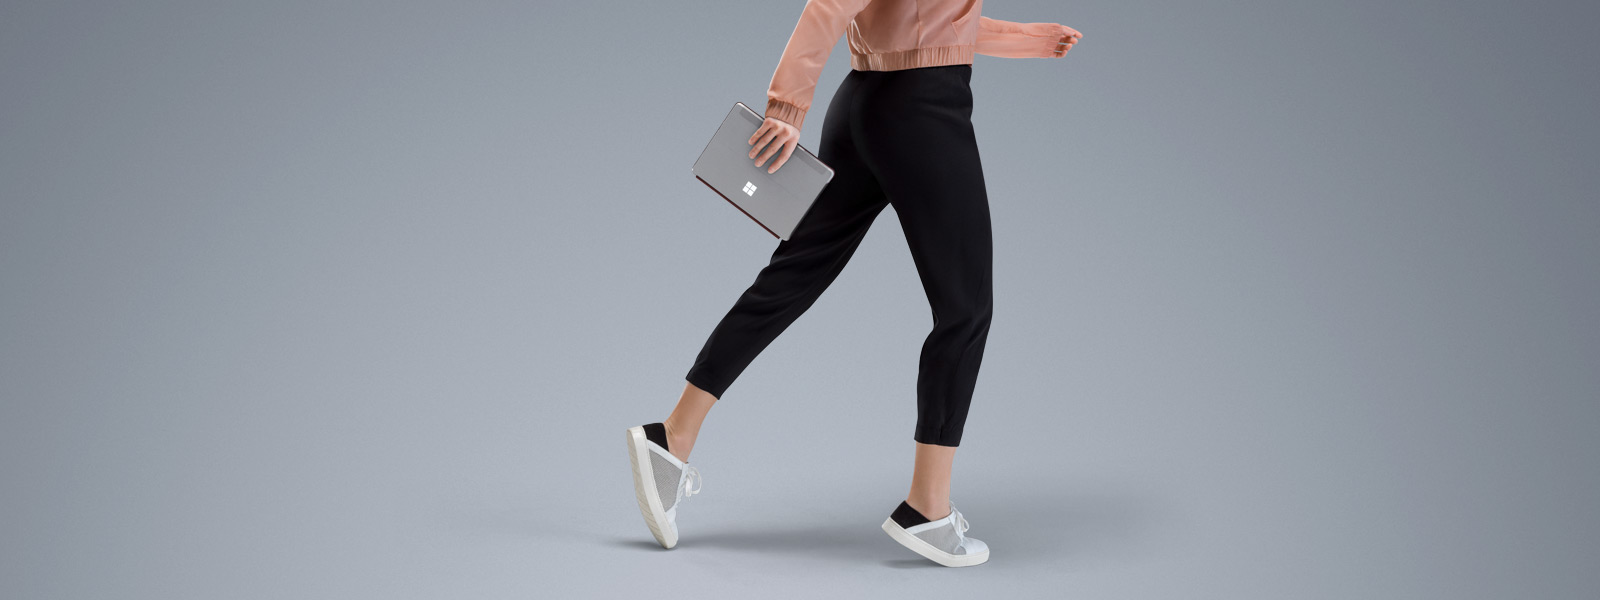 Rapariga a caminhar e a segurar num Surface Go